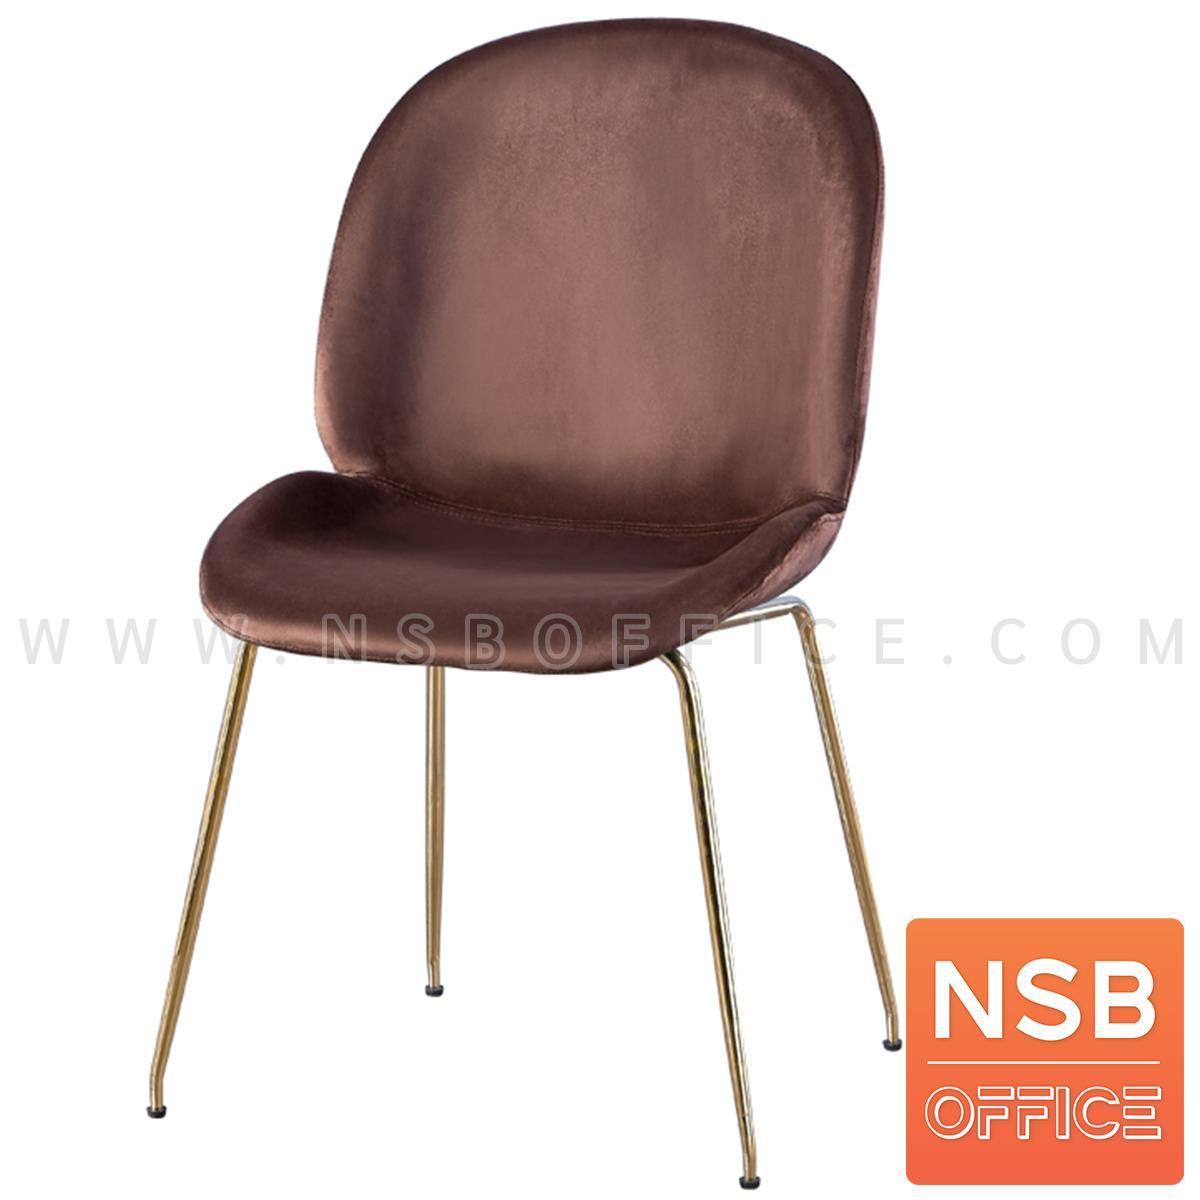 B29A349:เก้าอี้โมเดิร์น หุ้มผ้ากำมะหยี่ รุ่น Bourne (บอน)  ขาเหล็กสีทอง